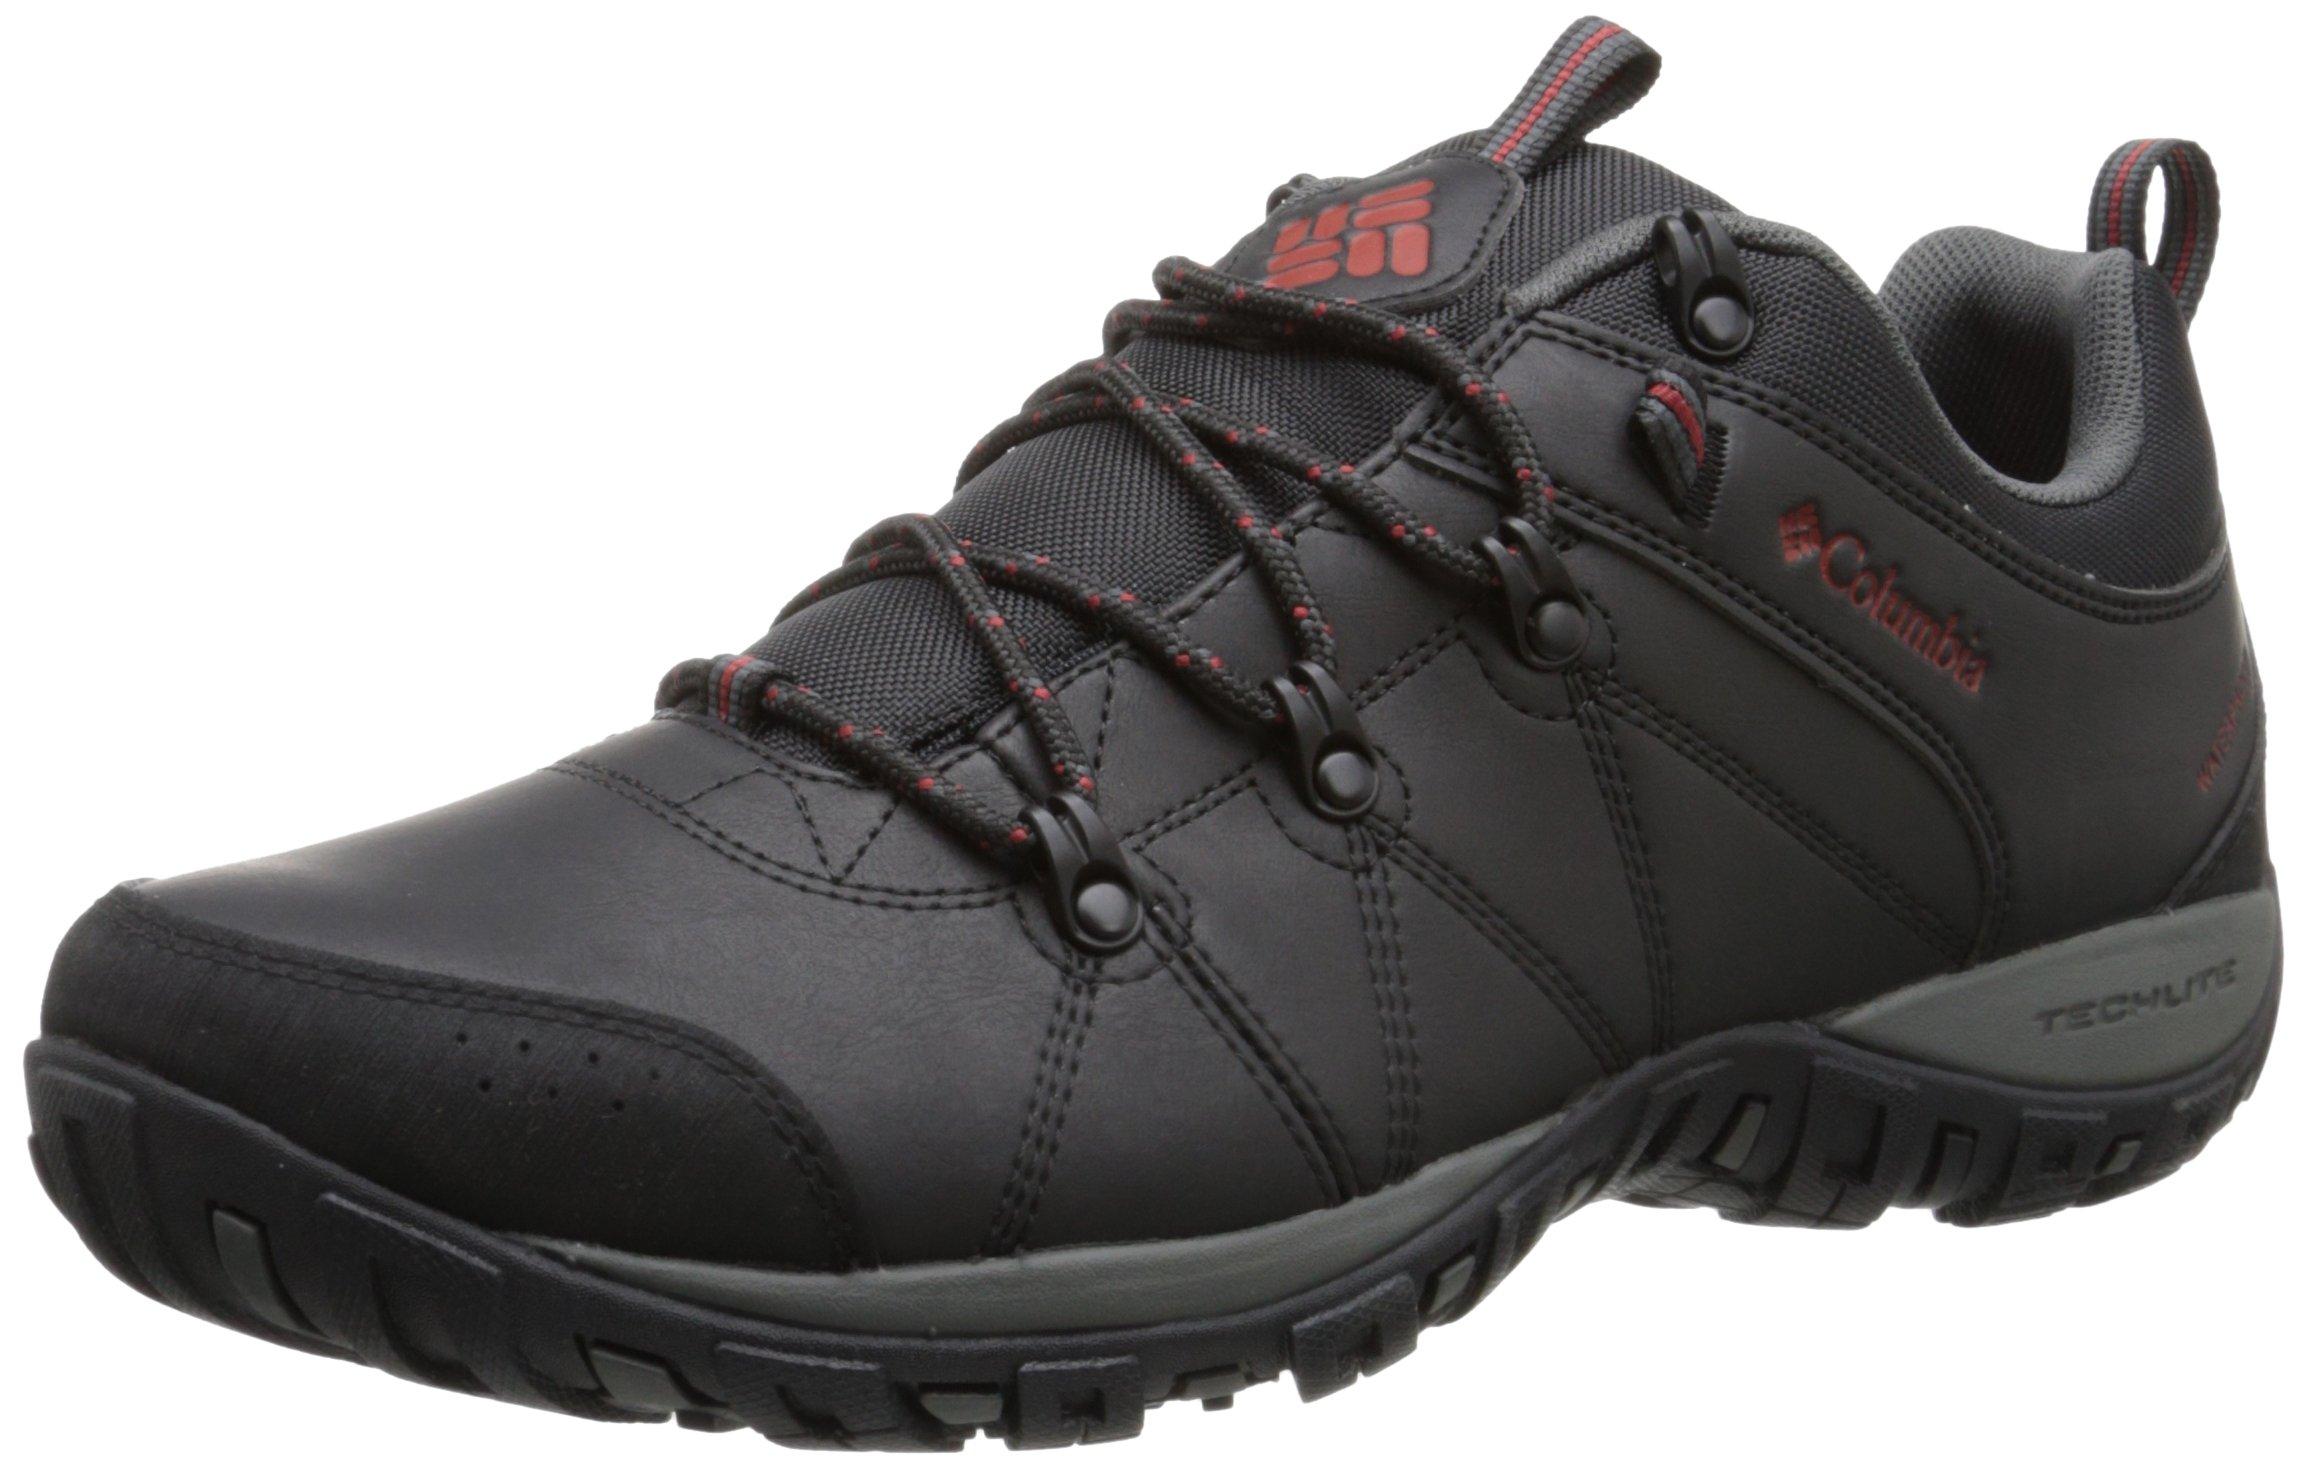 Columbia Men's Peakfreak Venture Waterproof Hiking Shoe, Black, Gypsy, 12 D US